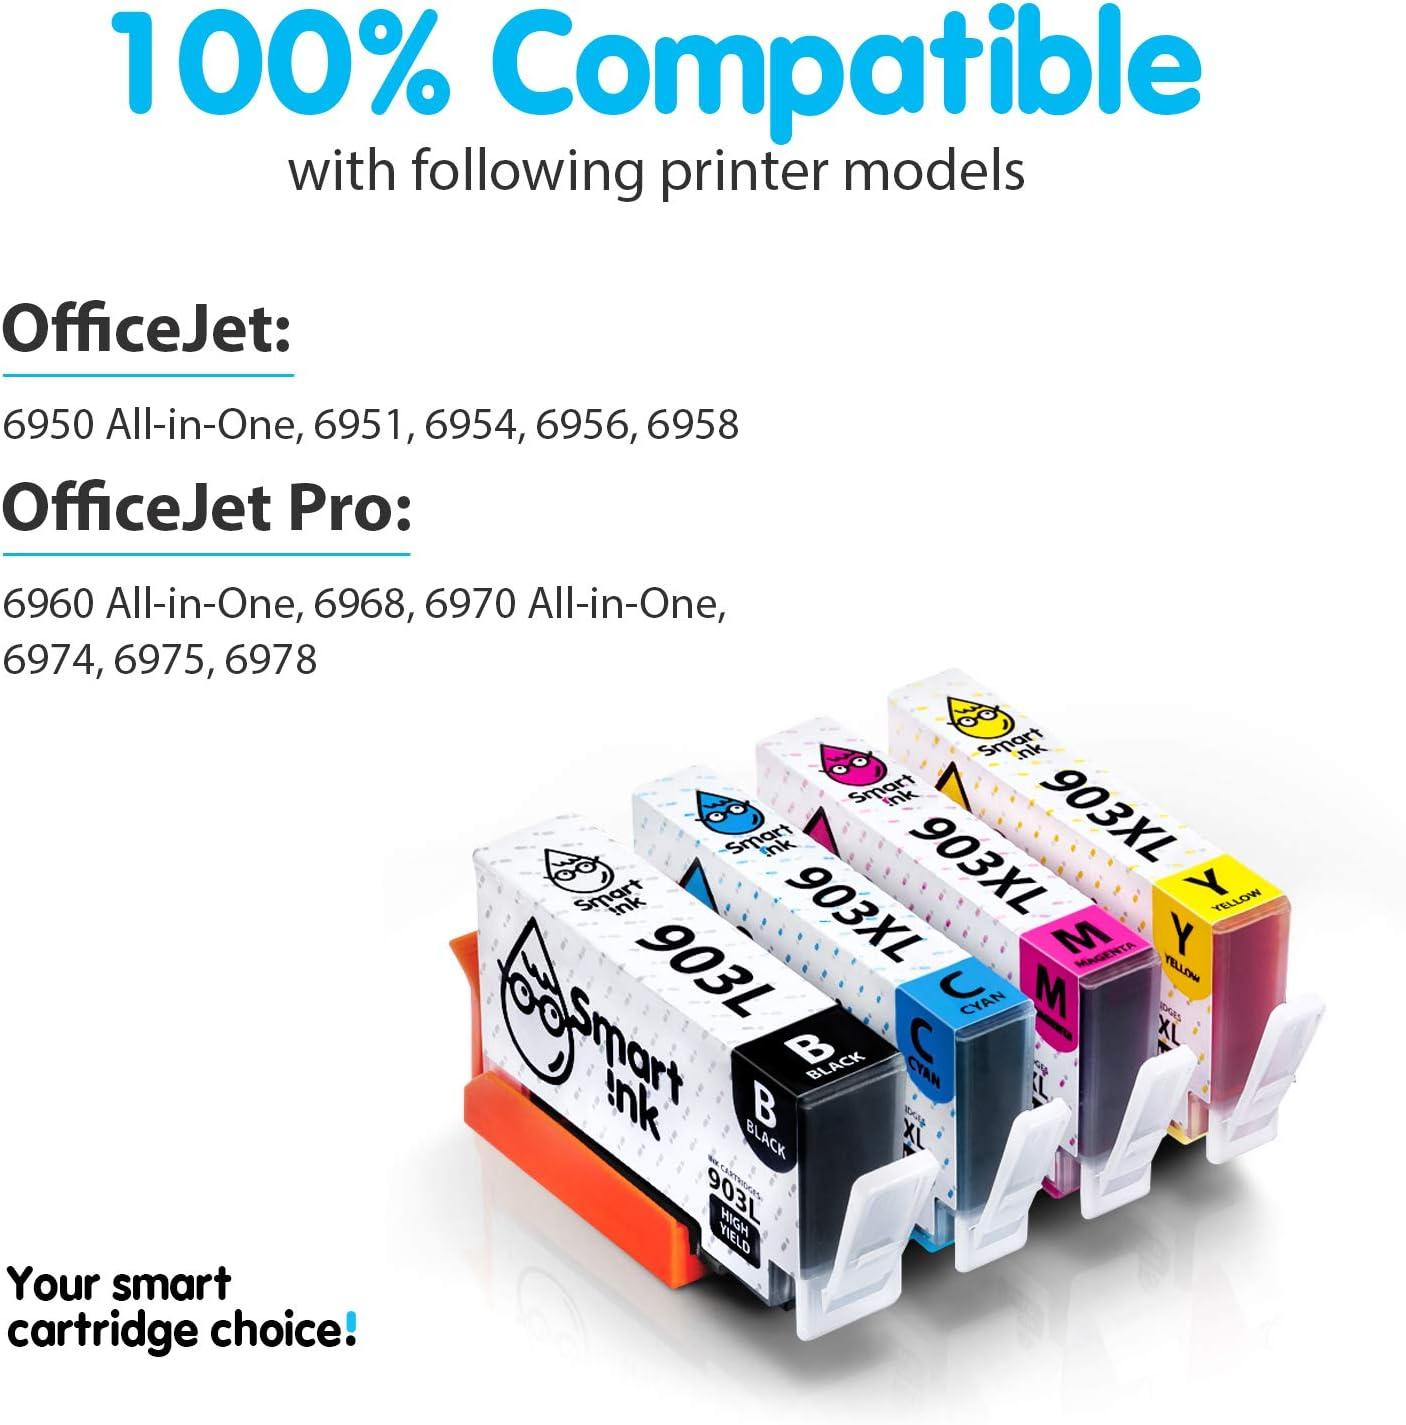 Smart Ink Reemplazo Compatible del Cartucho de Tinta HP 903 XL ...